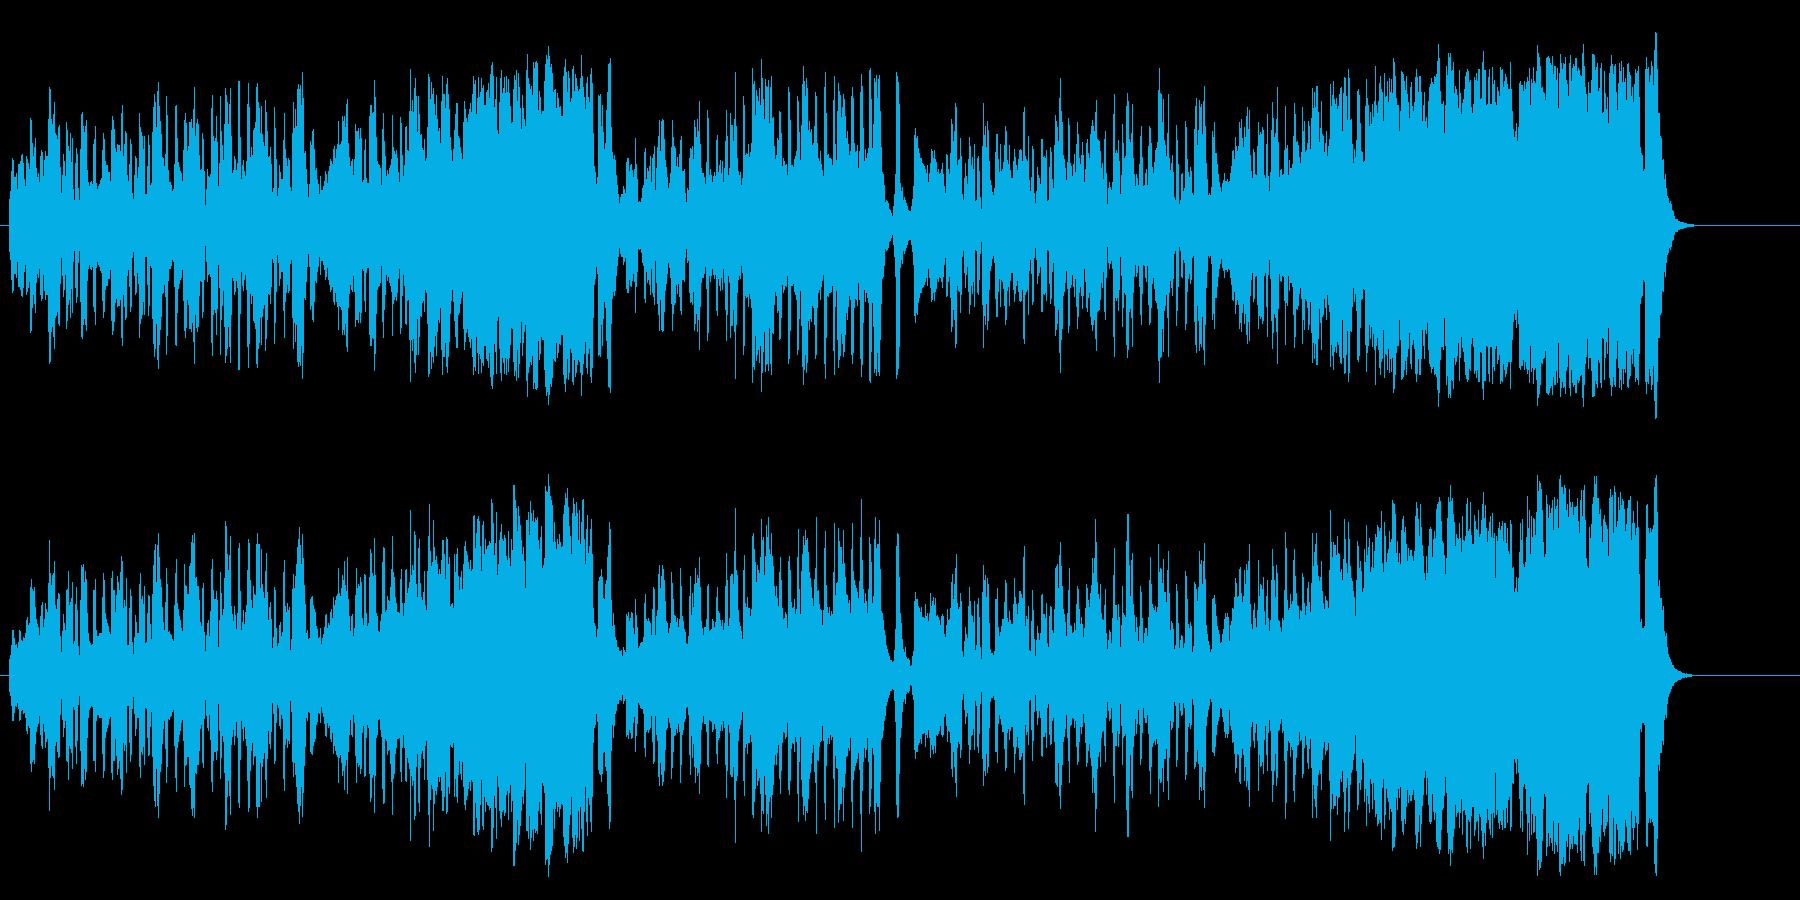 コンチネンタルタンゴ おしゃれ 優雅の再生済みの波形